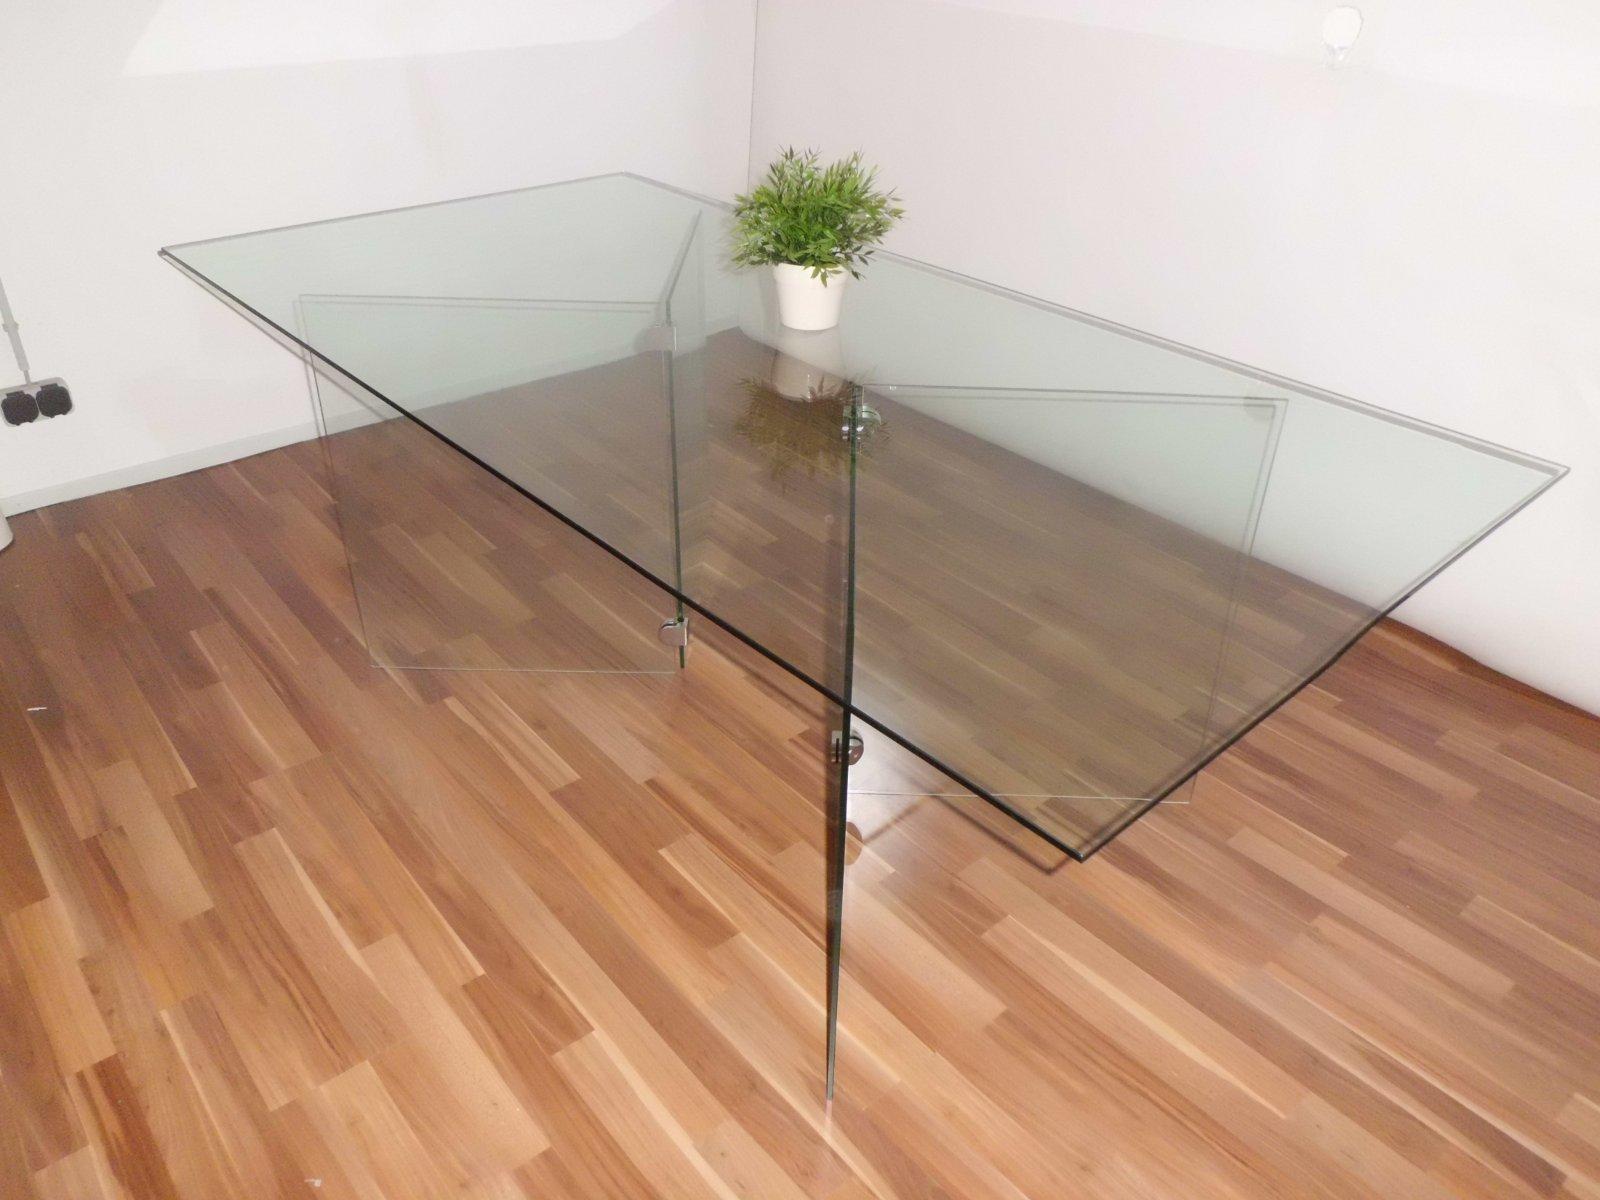 Glastisch gro 8 mm sicherheitsglas 100 x 200 x 73 cm ebay - Dekoration glastisch ...